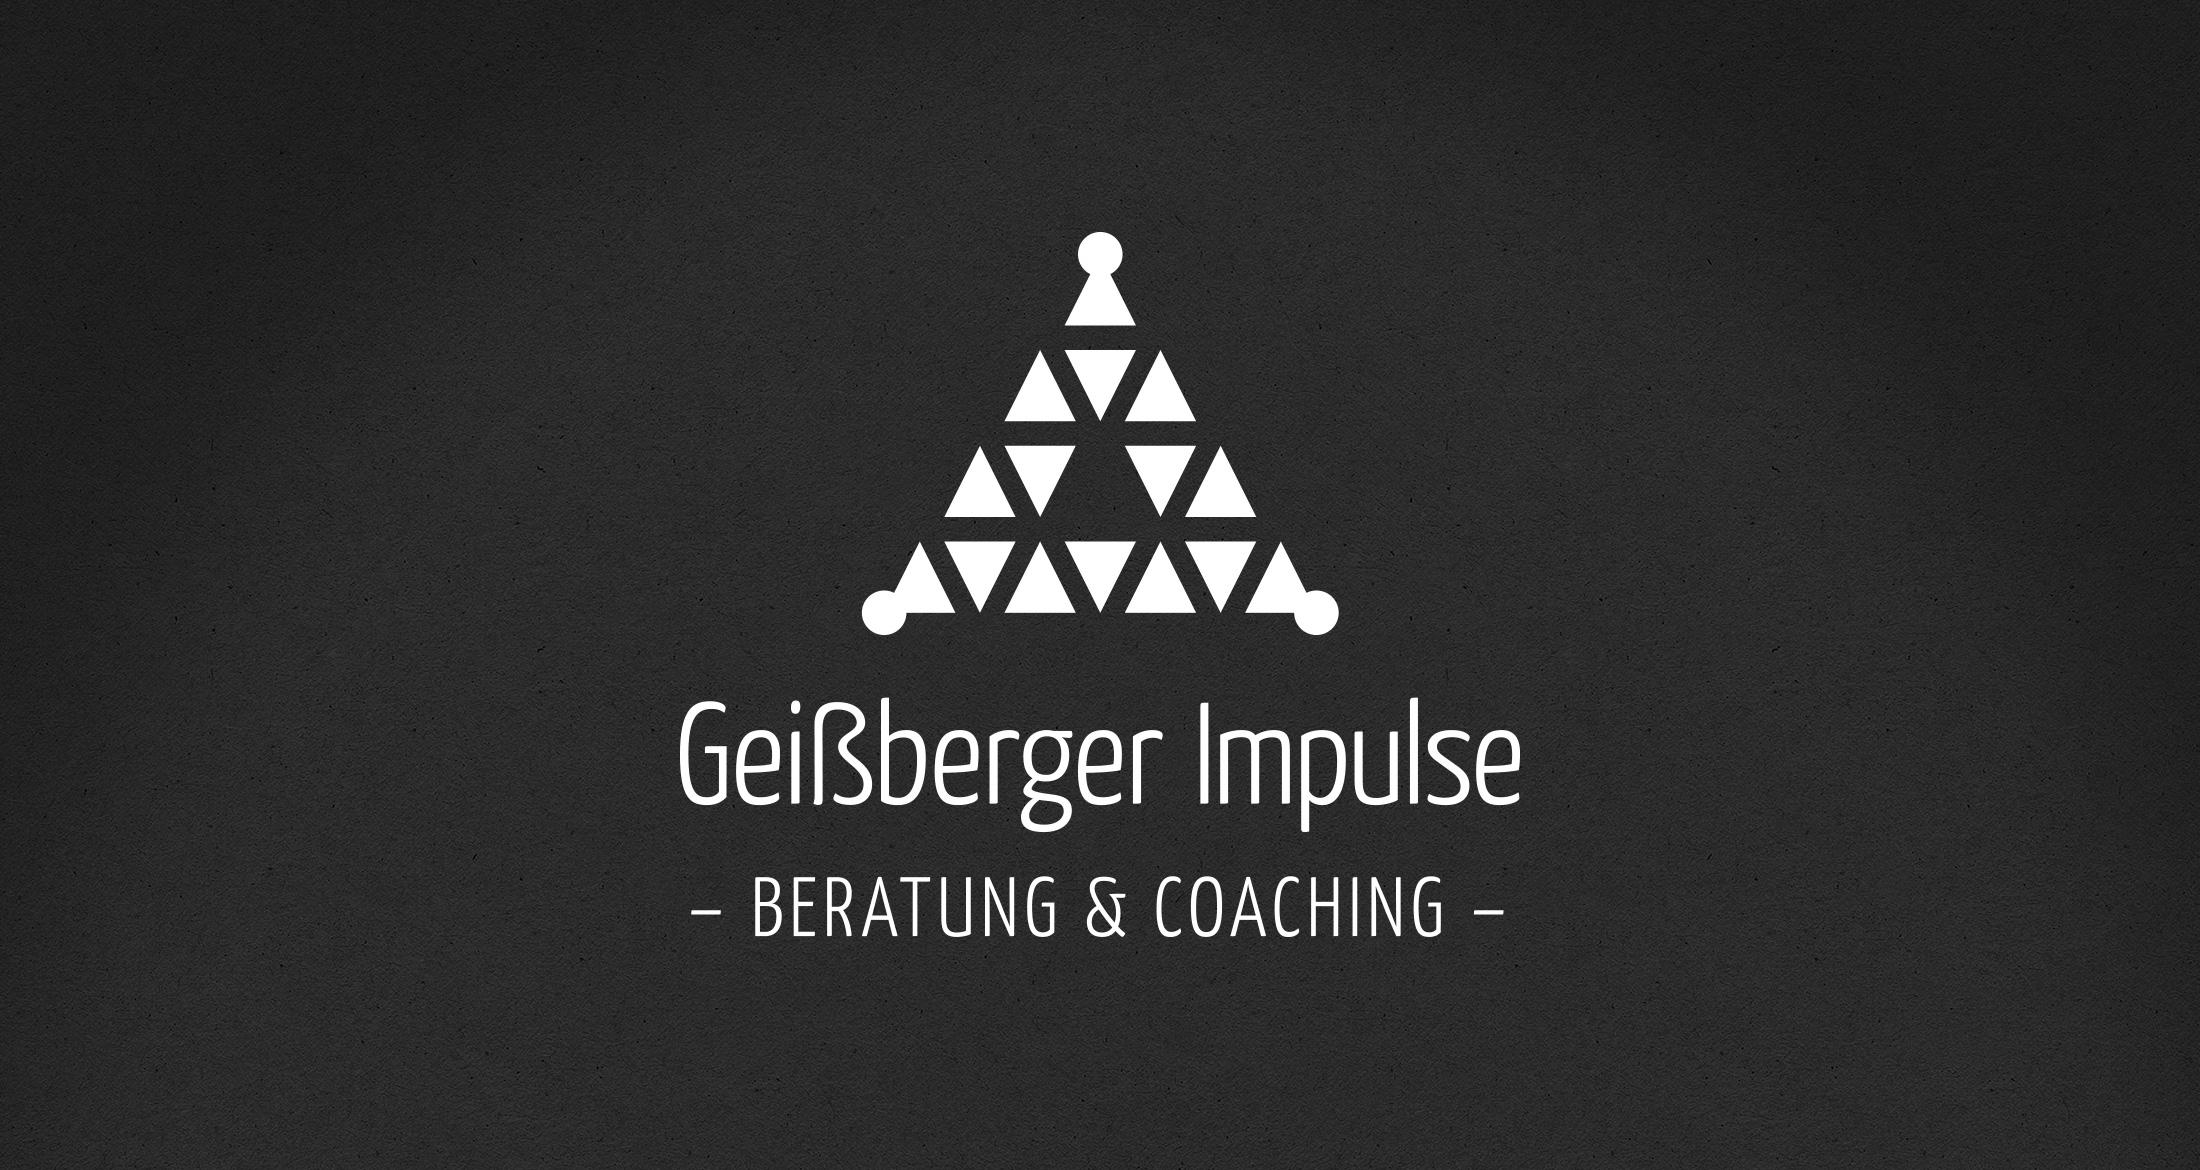 Logo Geißberger Impulse, Dannenfels, 1-farbig weiß